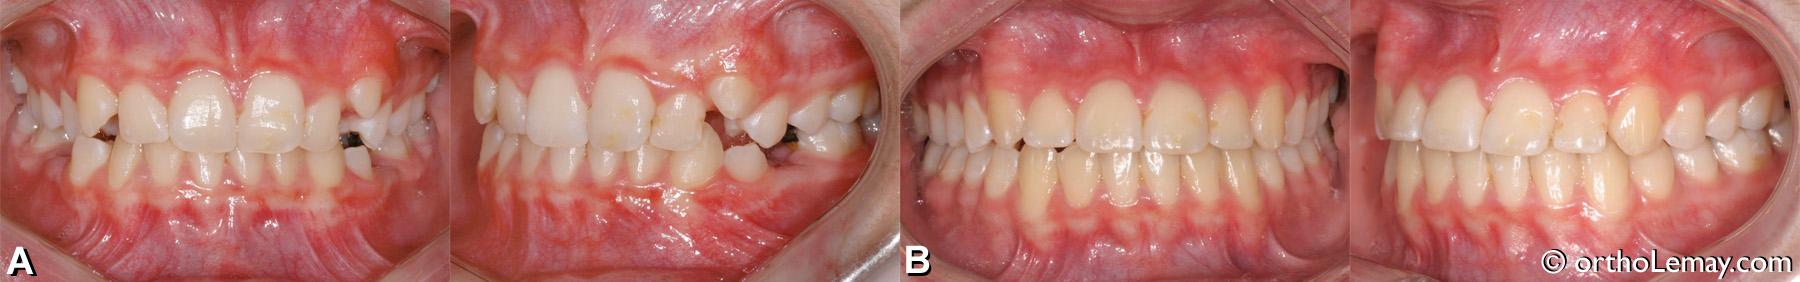 Malocclusion dentaire classe 1 avec rétroclinaison des incisives inférieures et supérieures et surplomb vertical modéré.